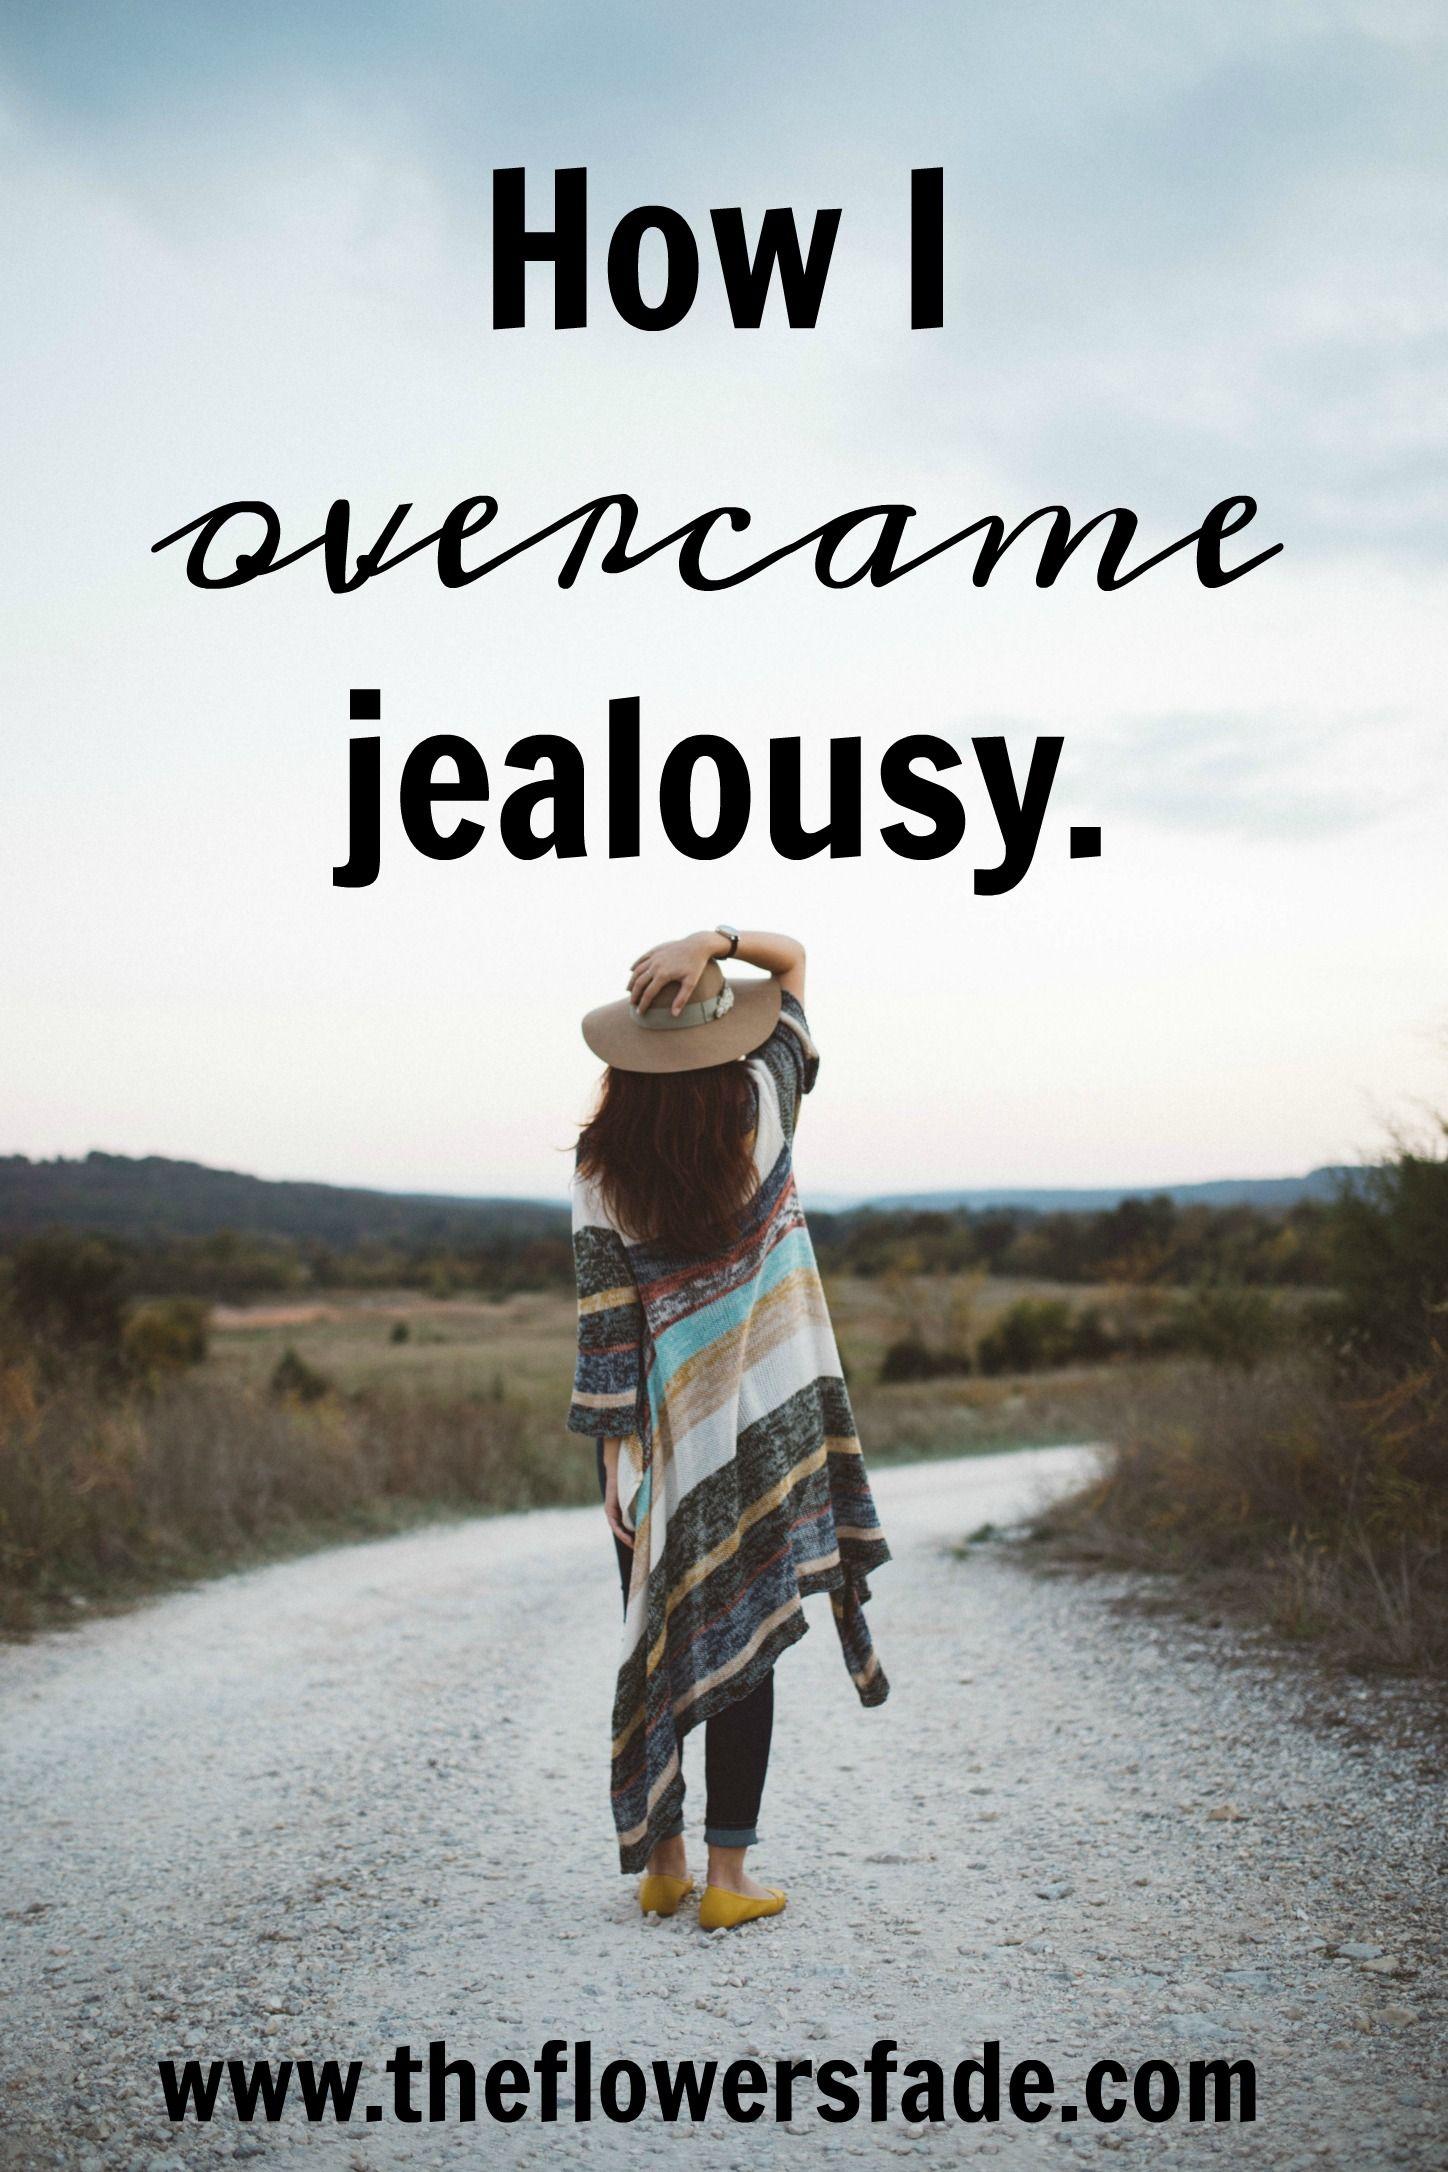 How I Overcame Jealousy